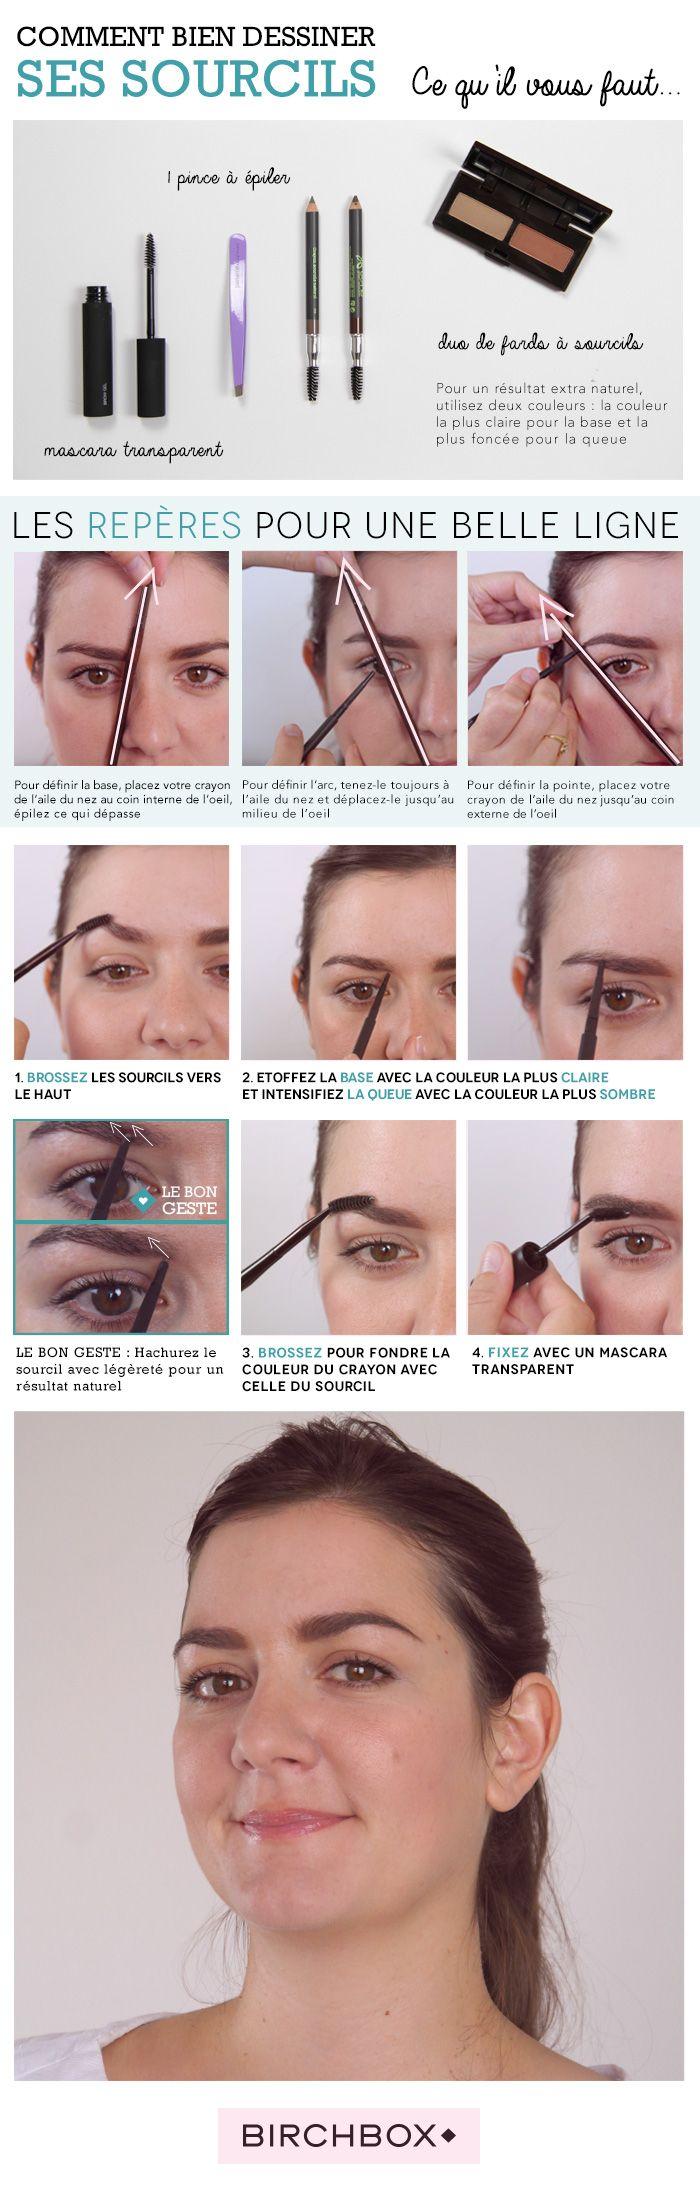 Step by step : comment bien dessiner ses sourcils